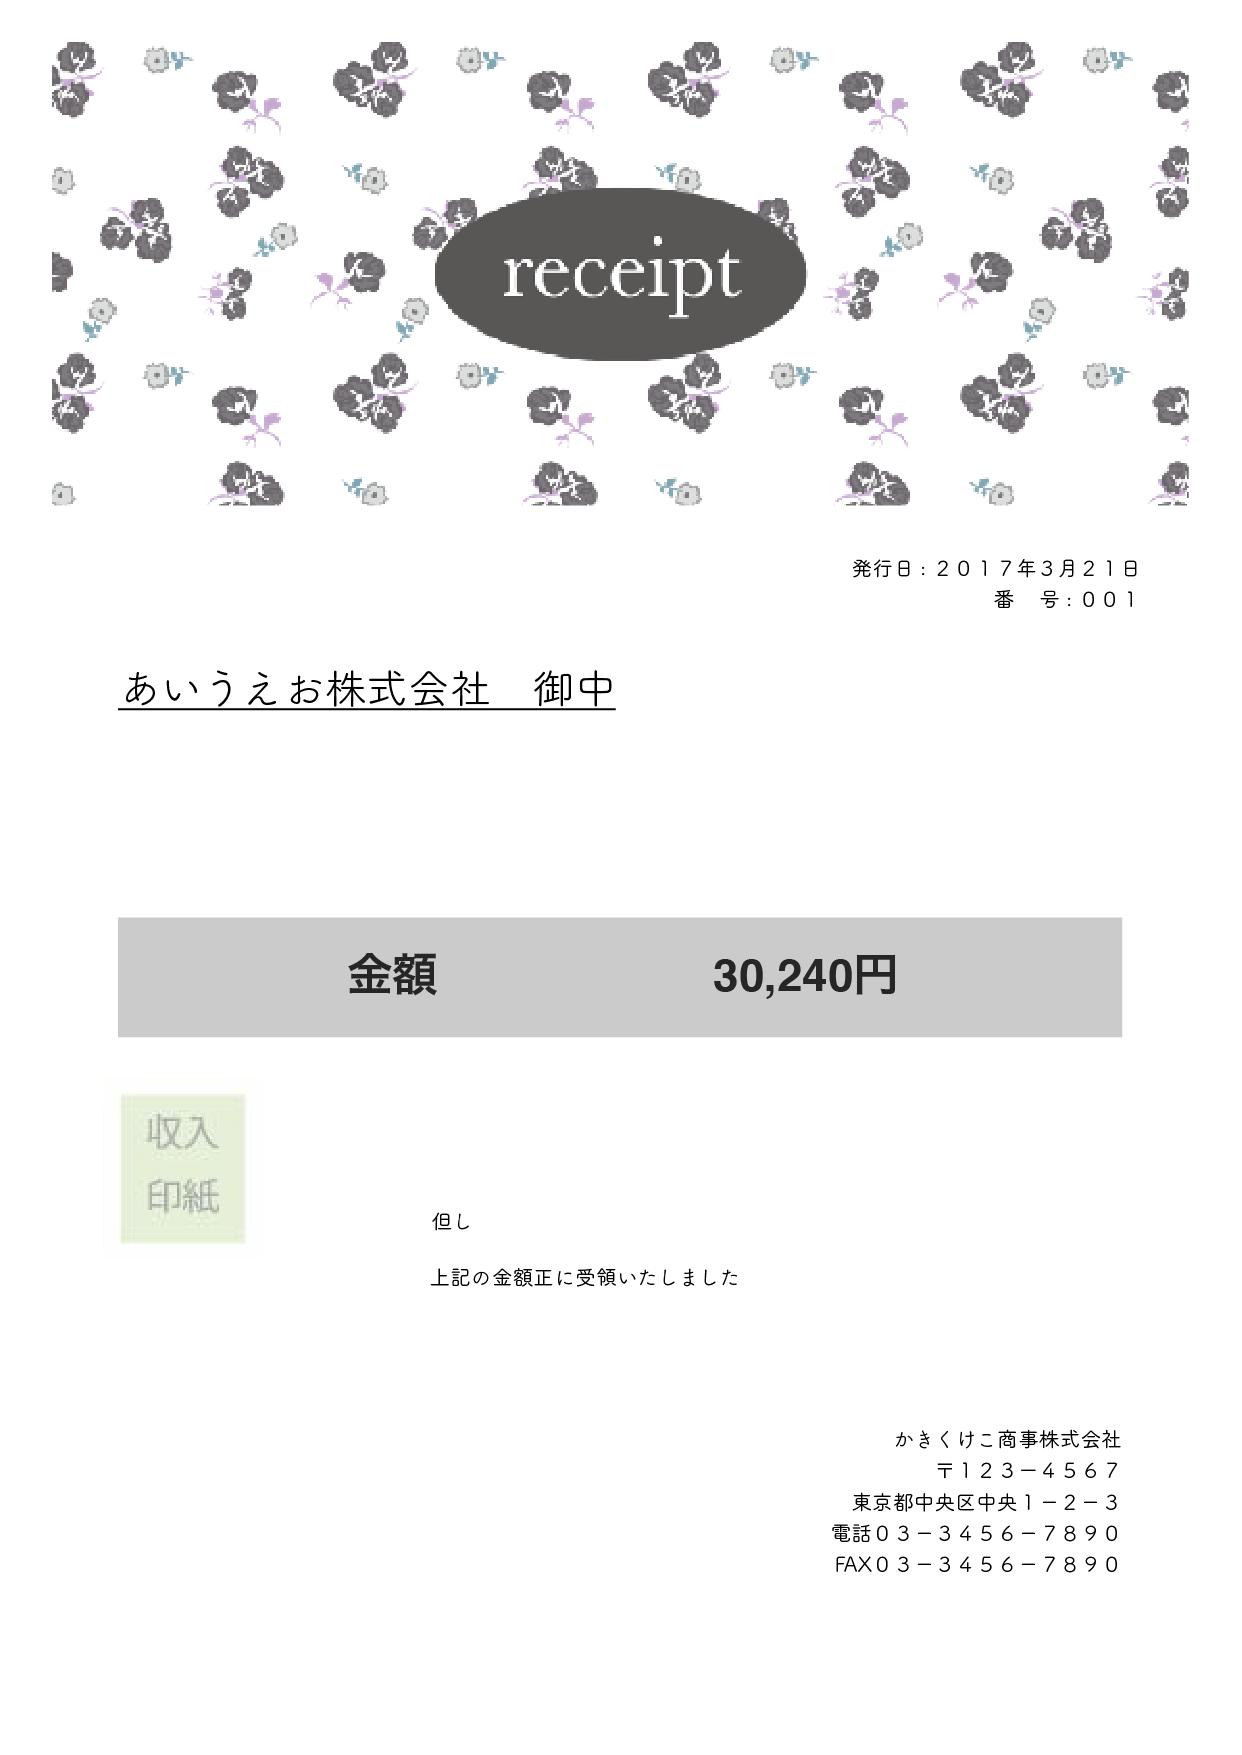 領収書(Receipt)テンプレート Mac対応 A4サイズ・花柄ブラック(ワード、ページズ)